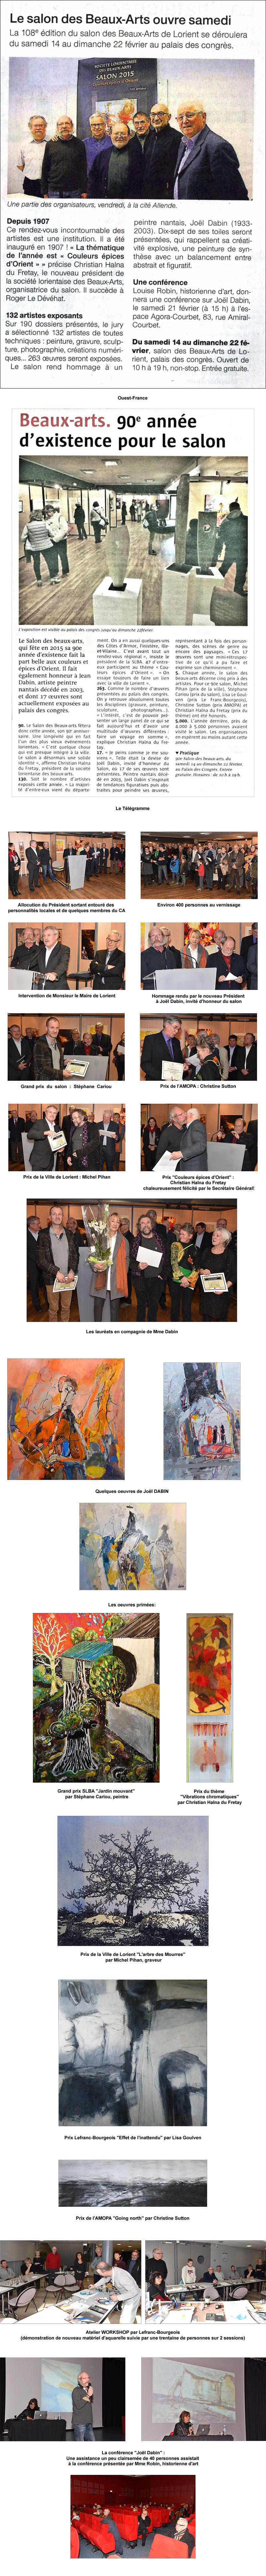 """Palmarès : Grand prix du salon : Stéphane CARIOU """"Jardin mouvant"""" (peinture) Prix de la ville : Michel PIHAN """"L'arbre des MOURRES"""" (gravure sur bois) Prix """"Couleur épices"""": Ch. HALNA DU FRETAY """"Vibrations chromatiques"""" (installation) Prix Lefranc Bourgeois : Lisa GOULVEN """"Effet de l'inattendu""""(peinture) Prix de l'AMOPA : Christine SUTTON """"Going north"""" (peinture) Le jury des prix : Muriel Loettte, artiste peintre Francis Rollet, plasticien Alain Gauthier, artiste peintre M. Cochard, directeur de l'EESAB Christian Belleux, photographe Les partenaires institutionnels : Ville de LORIENT Crédit Mutuel de Bretagne"""